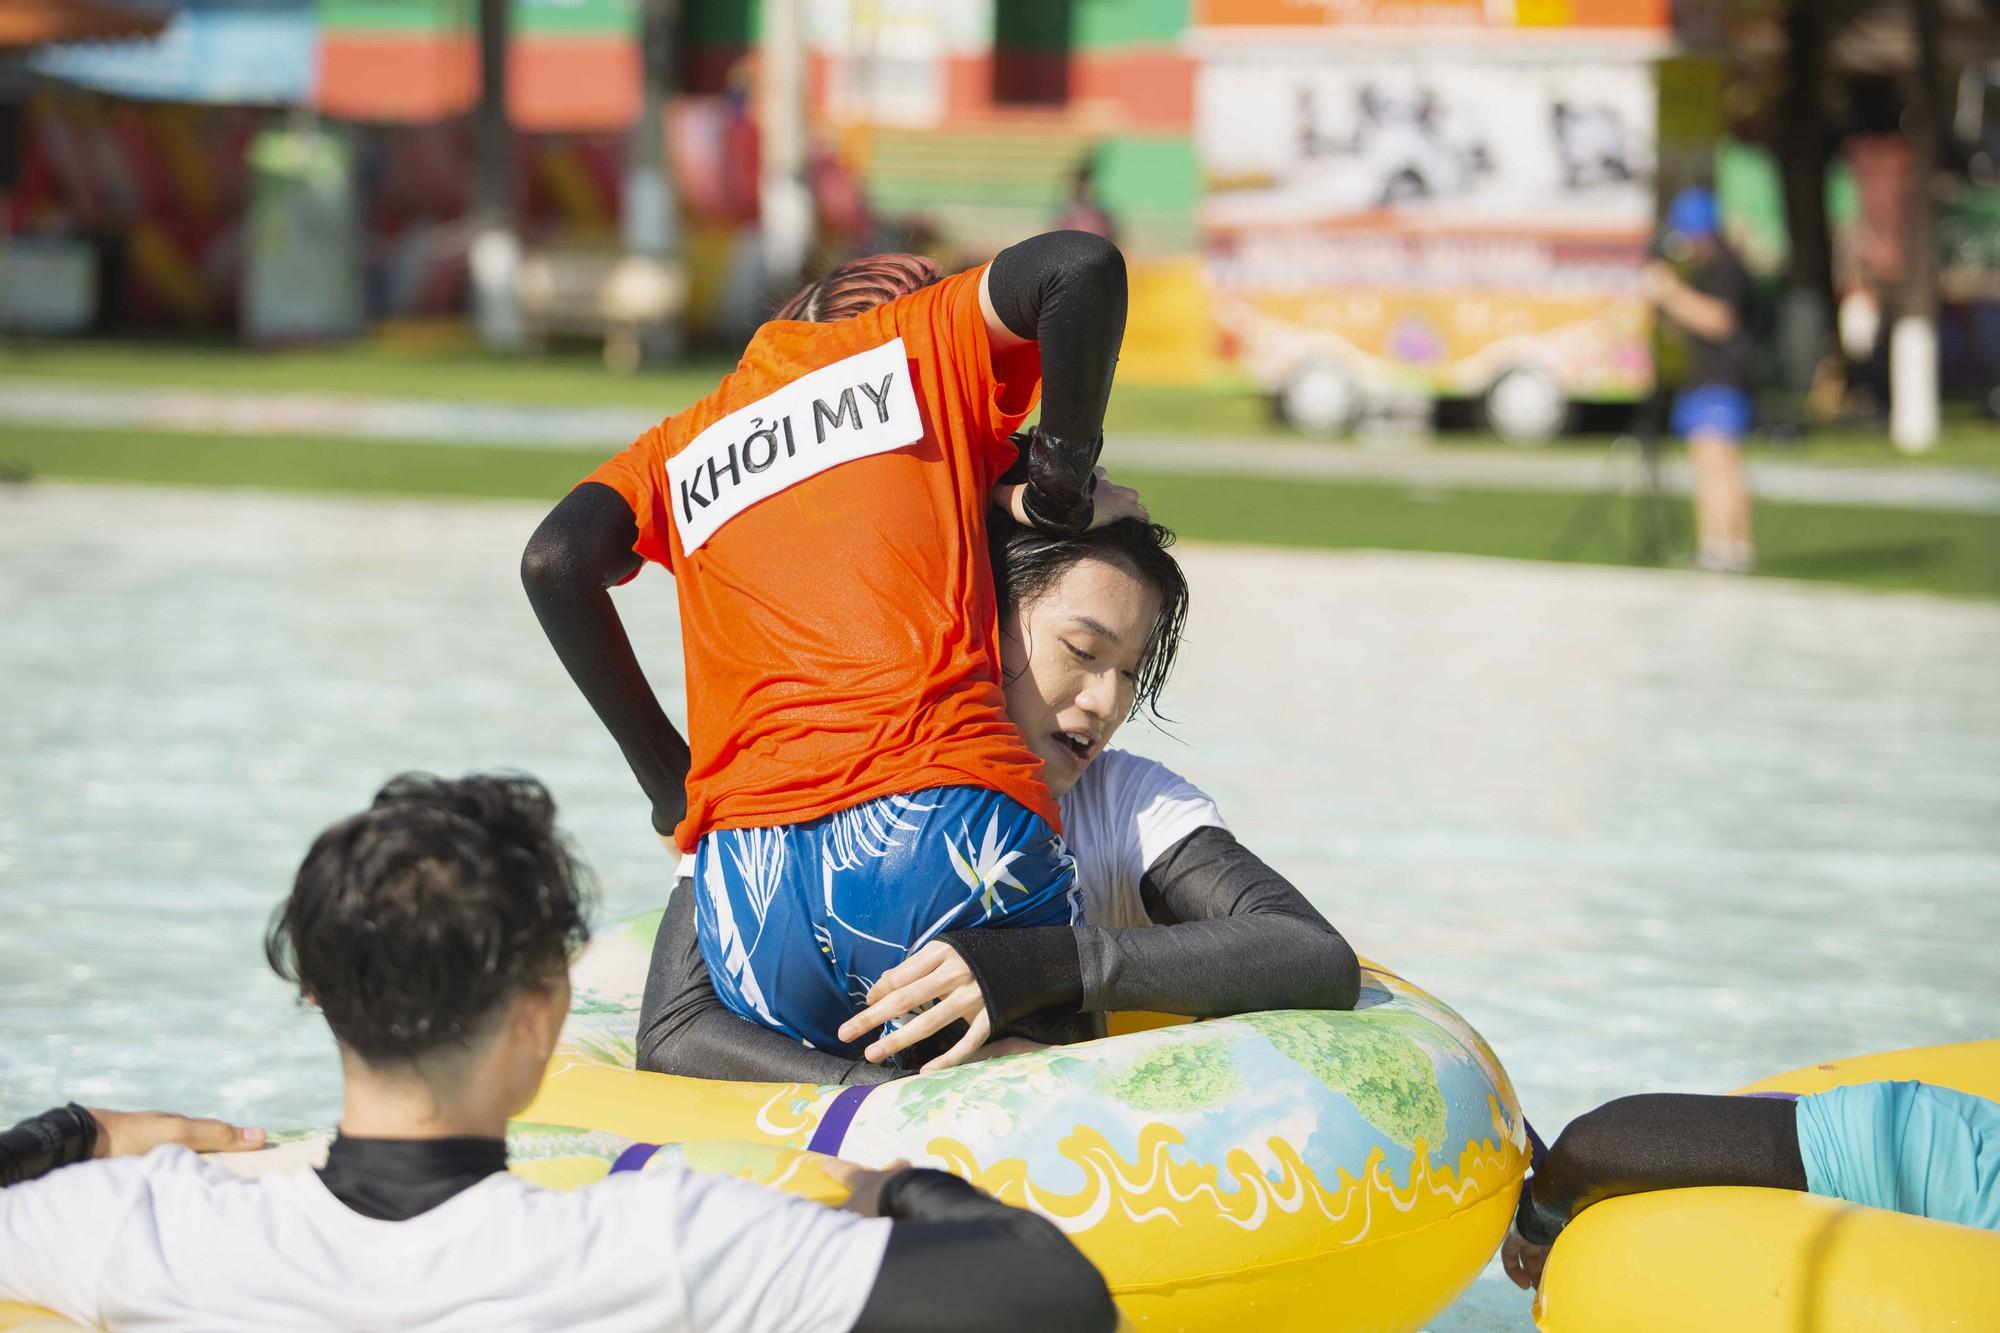 Running Man: Đáng thương như Quang Trung, bị Khởi My ức hiếp chỉ biết kêu gào với âm vực của cá heo  - Ảnh 5.